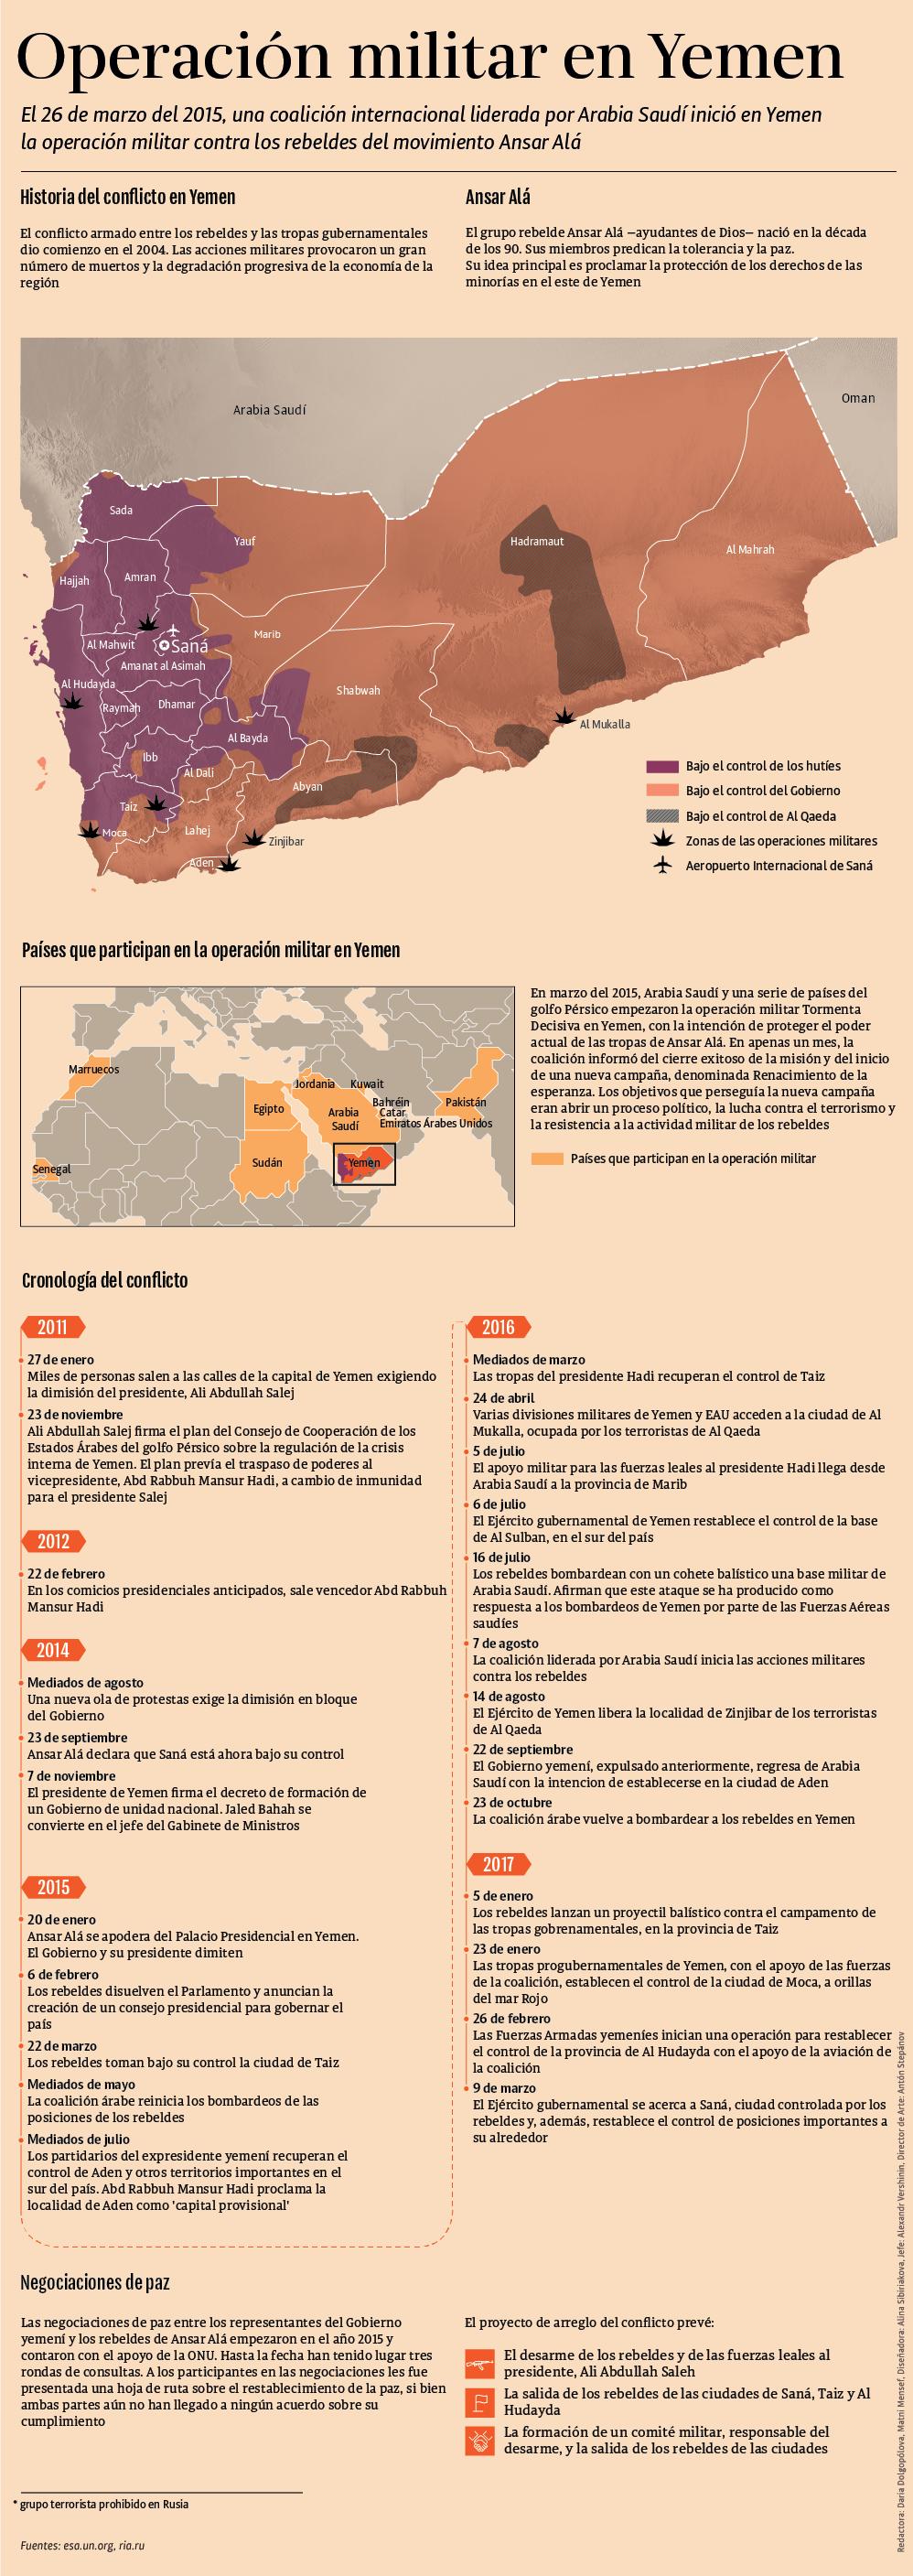 Los entresijos de la operación militar en Yemen